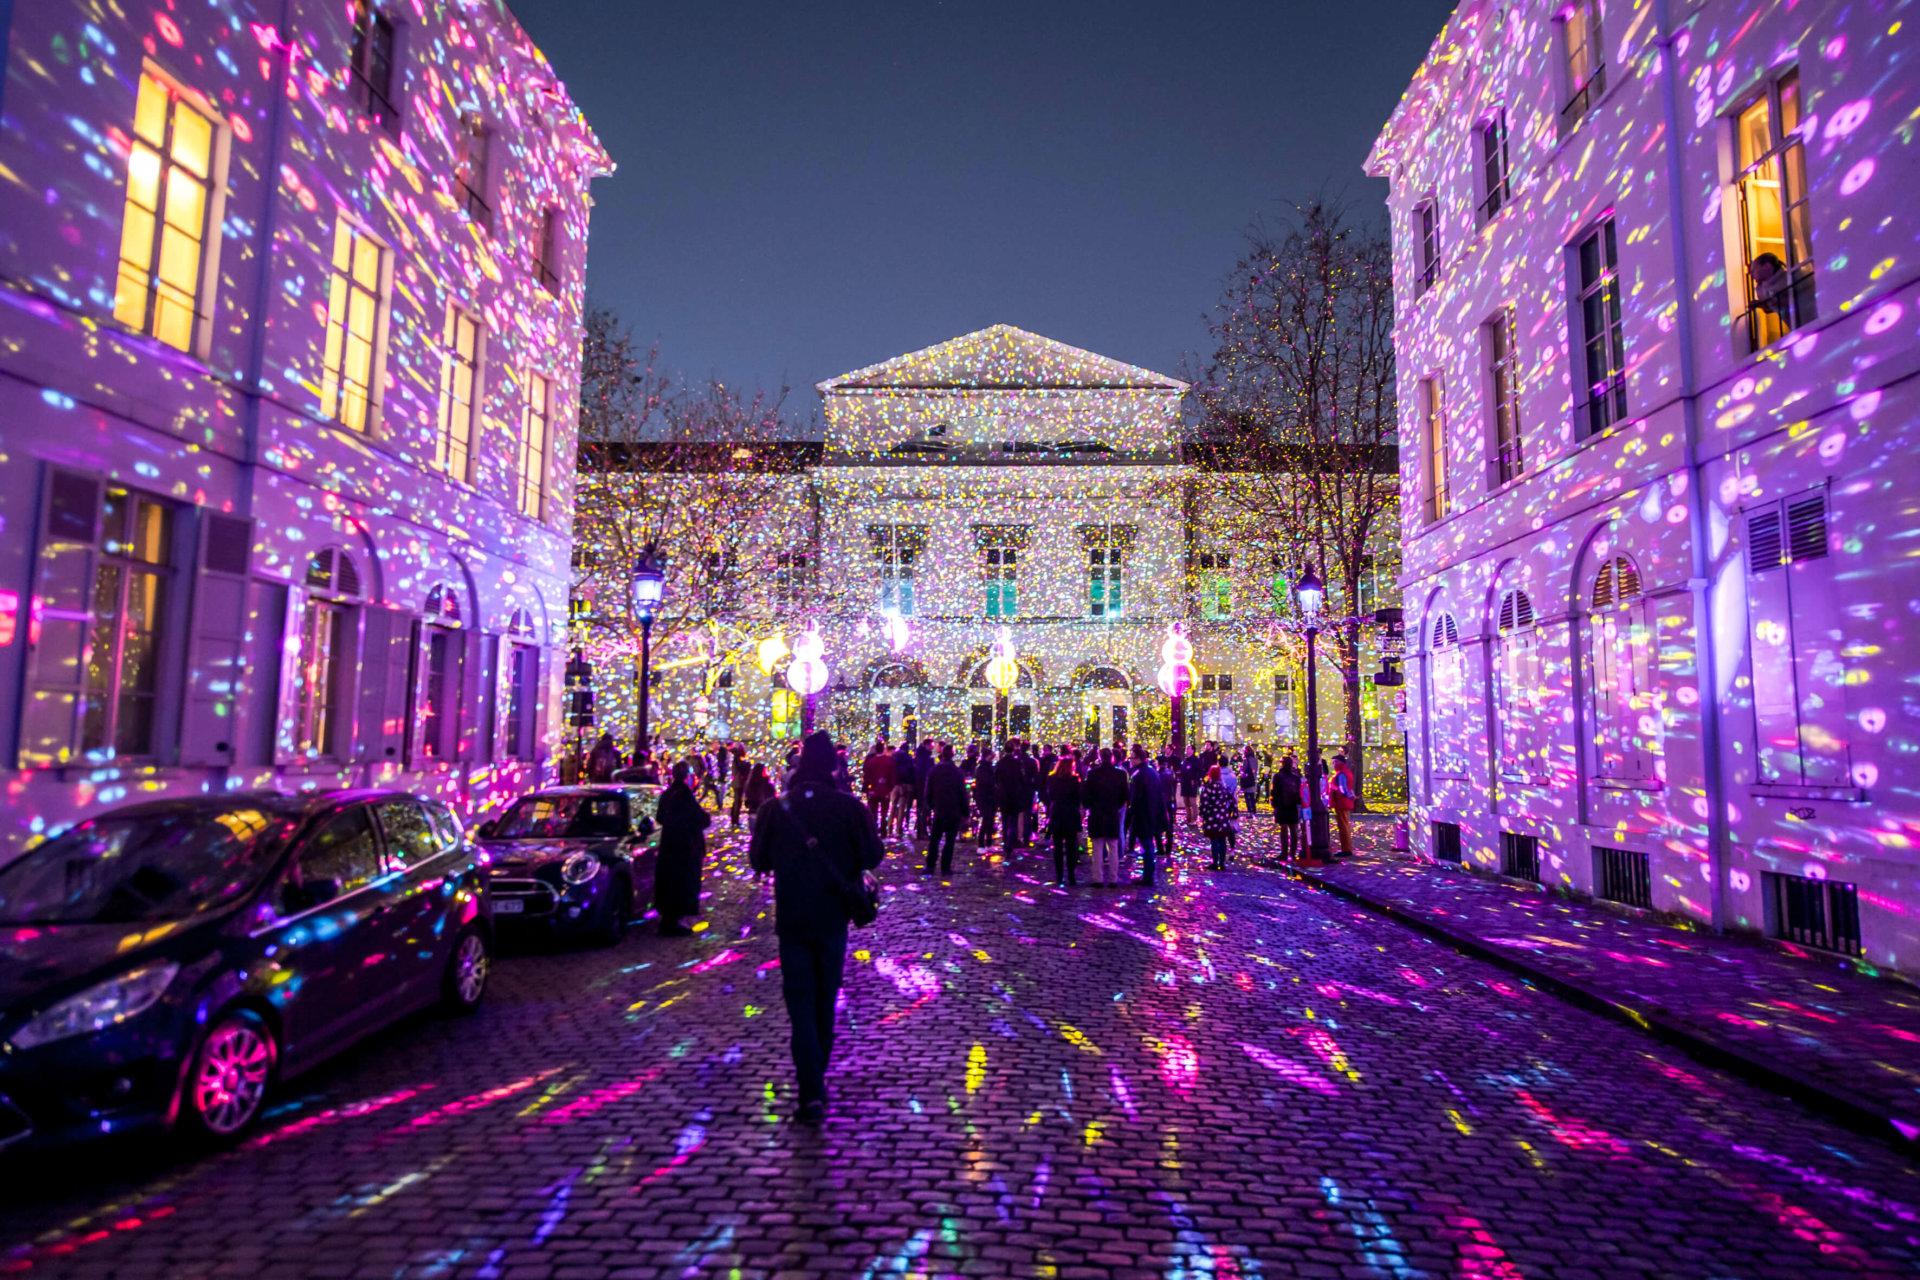 Bright Brussels, Festival of Light: A 5ª edição do festival iluminará a capital belga de 13 a 16 de fevereiro de 2020